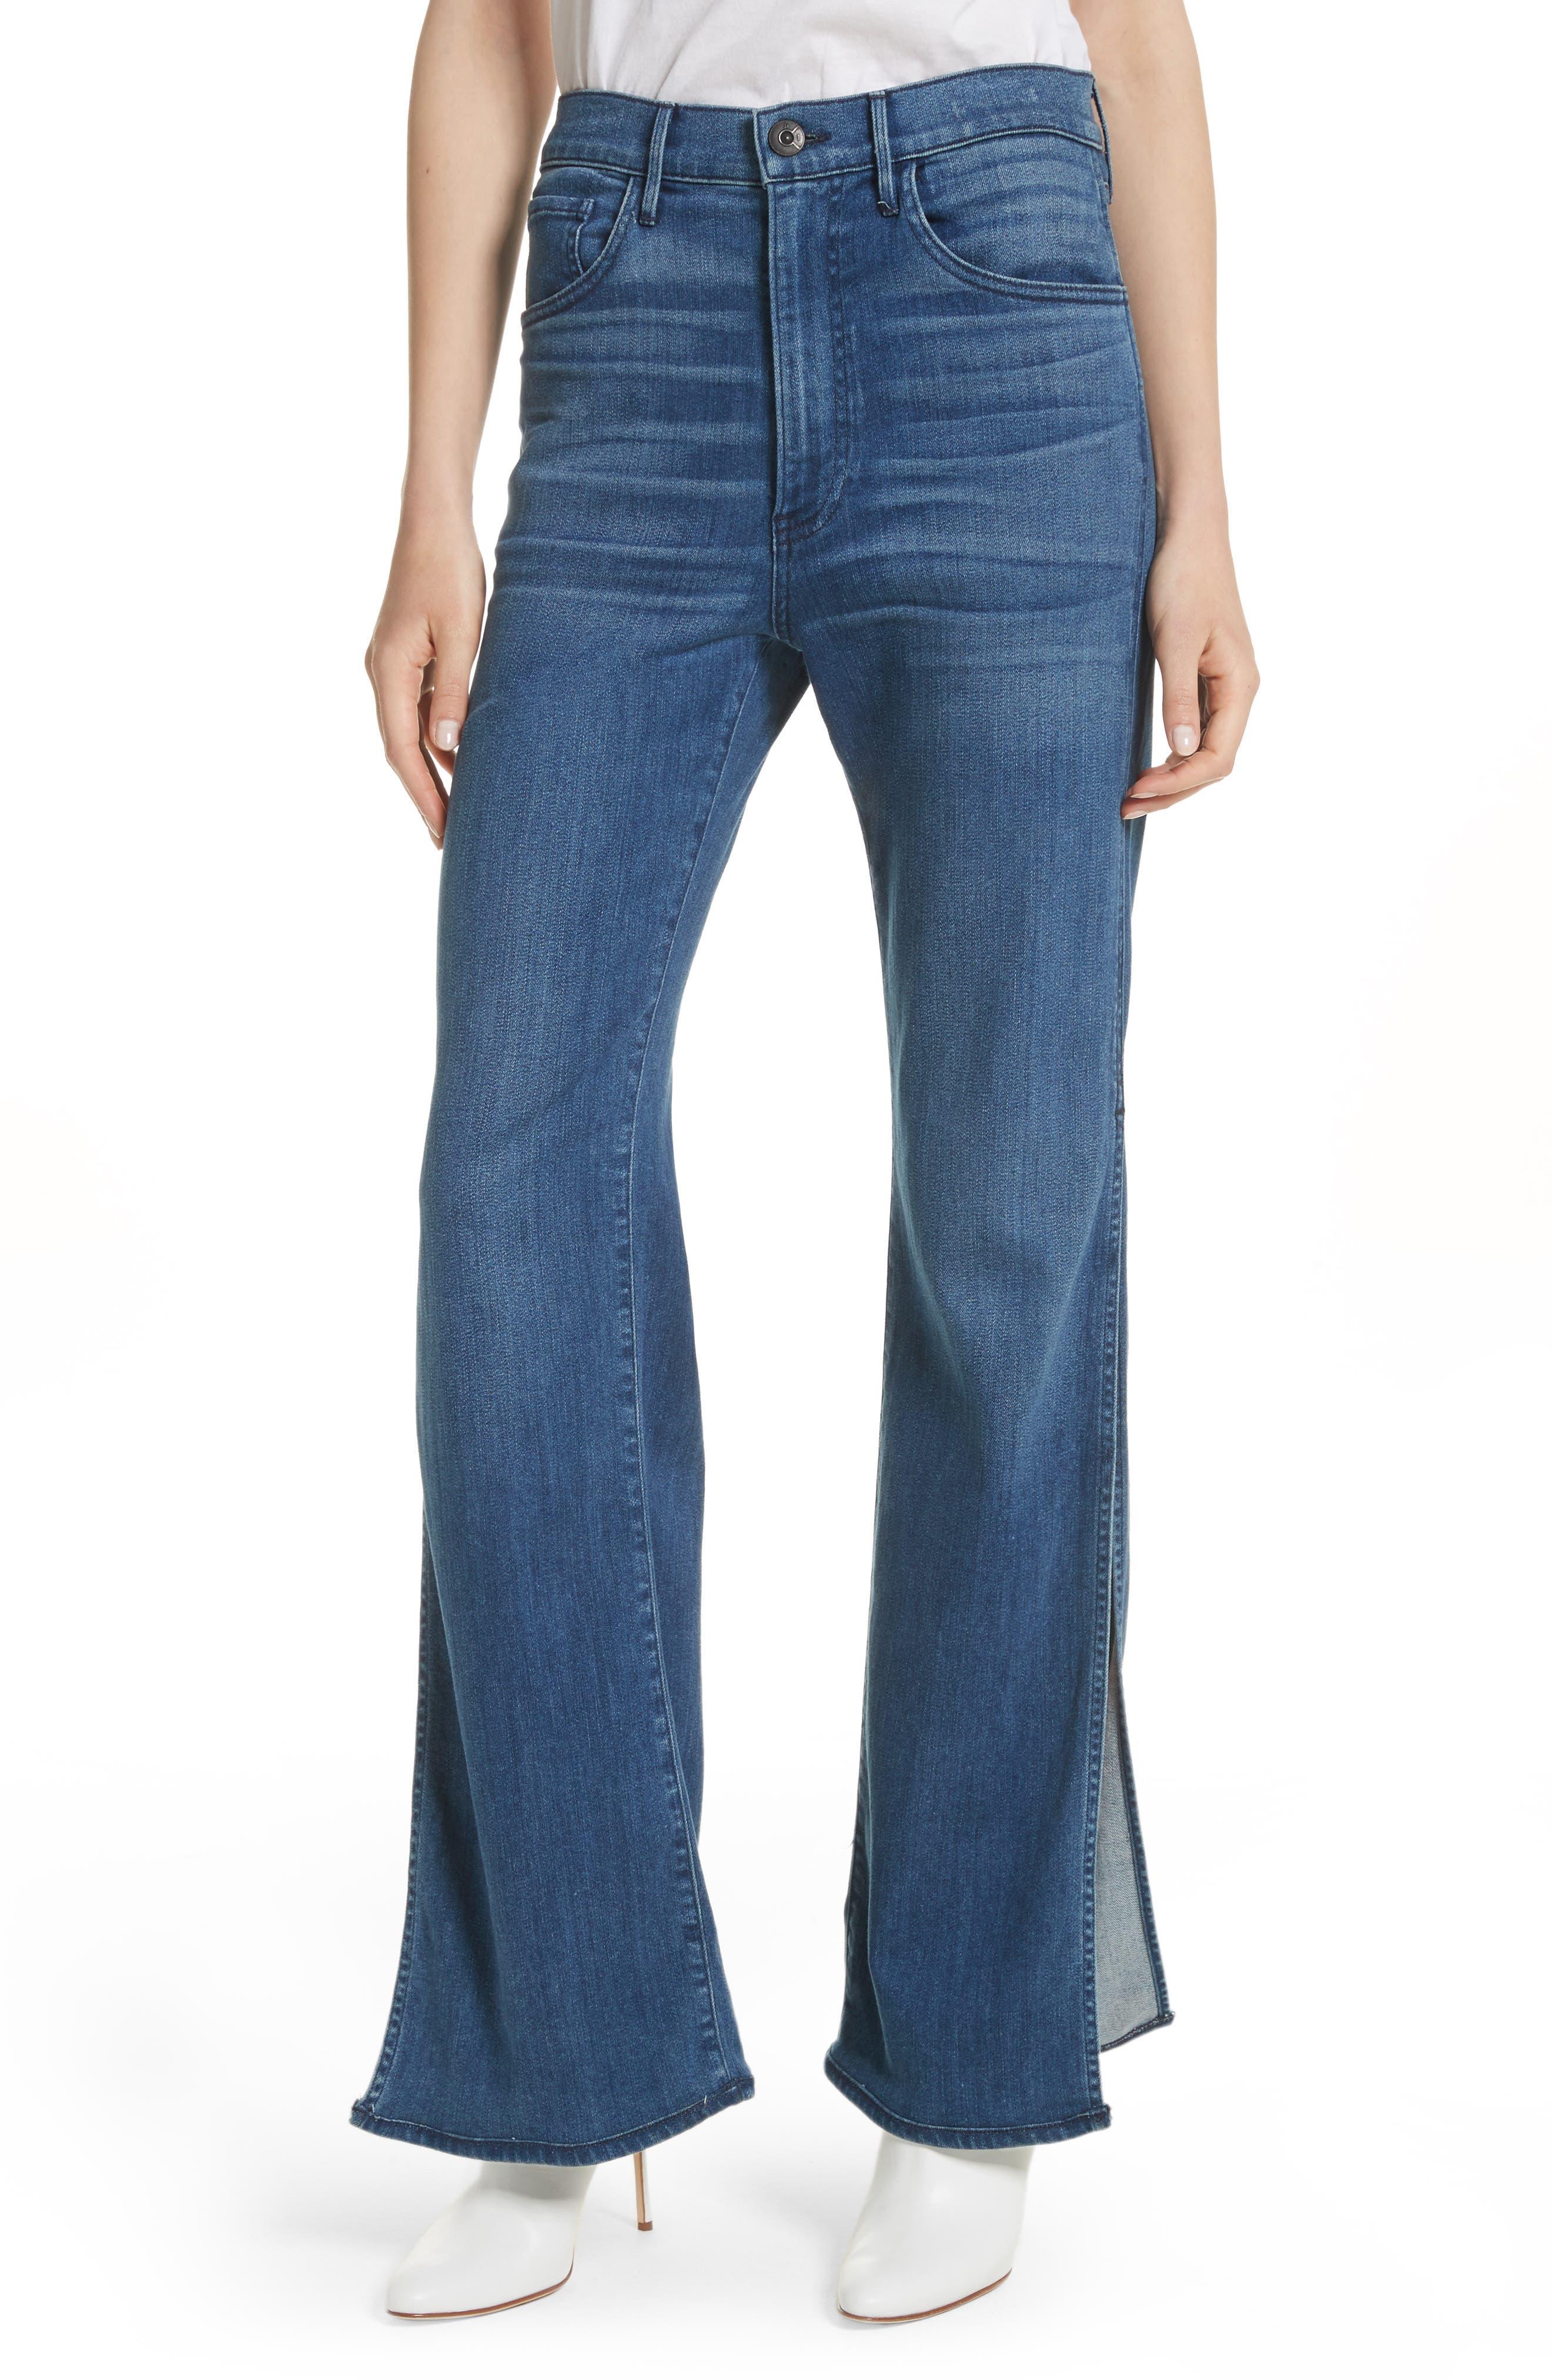 3x1 NYC W4 Adeline High Waist Split Flare Jeans (Leia)